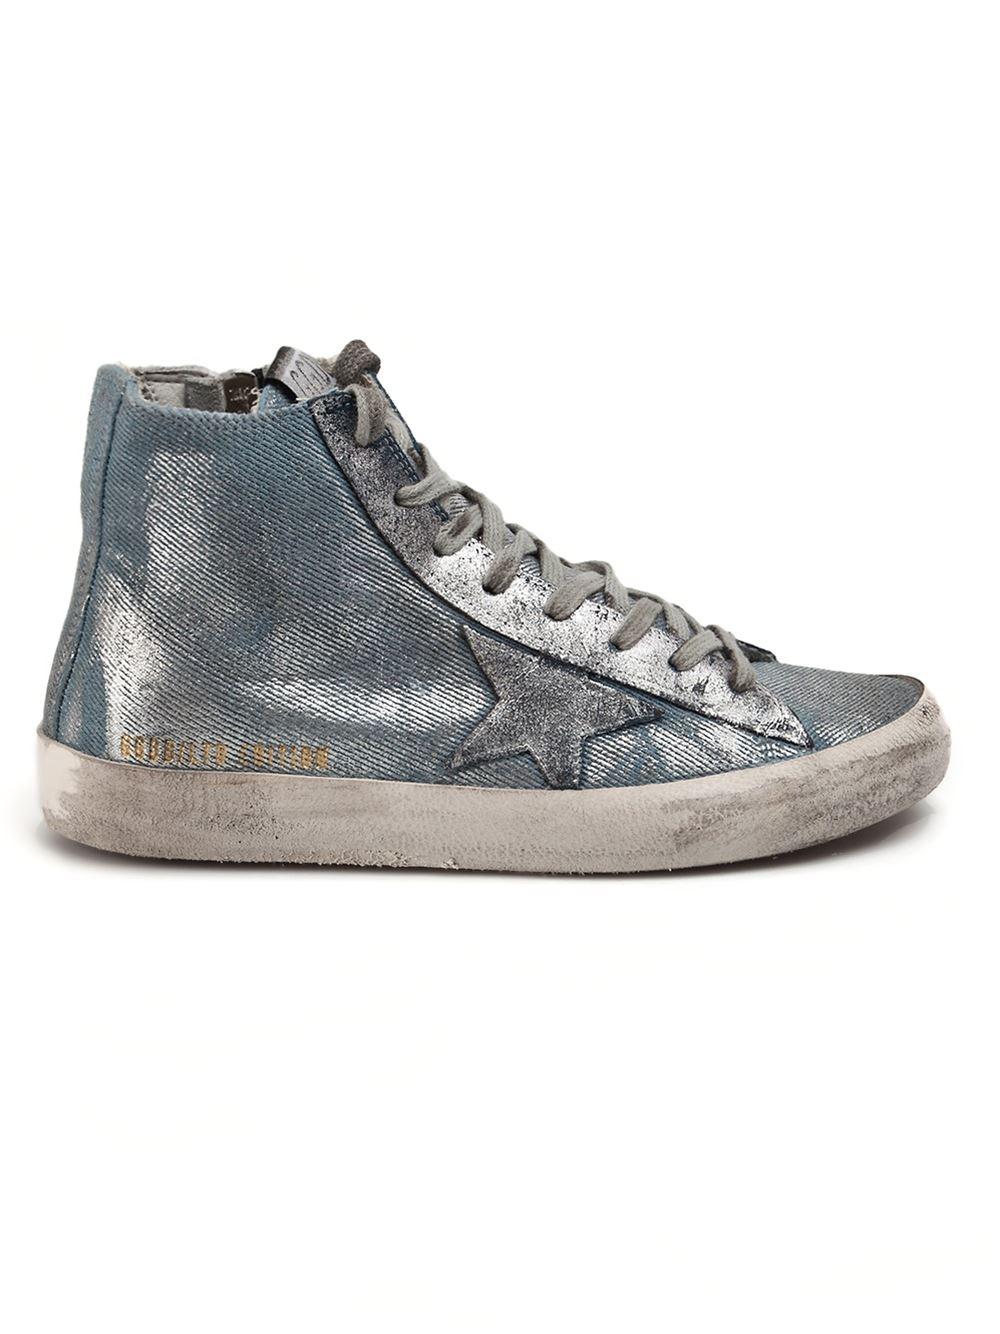 7c693cfb5466a Golden Goose Deluxe Brand  francy  Hi-top Sneakers - L eclaireur ...